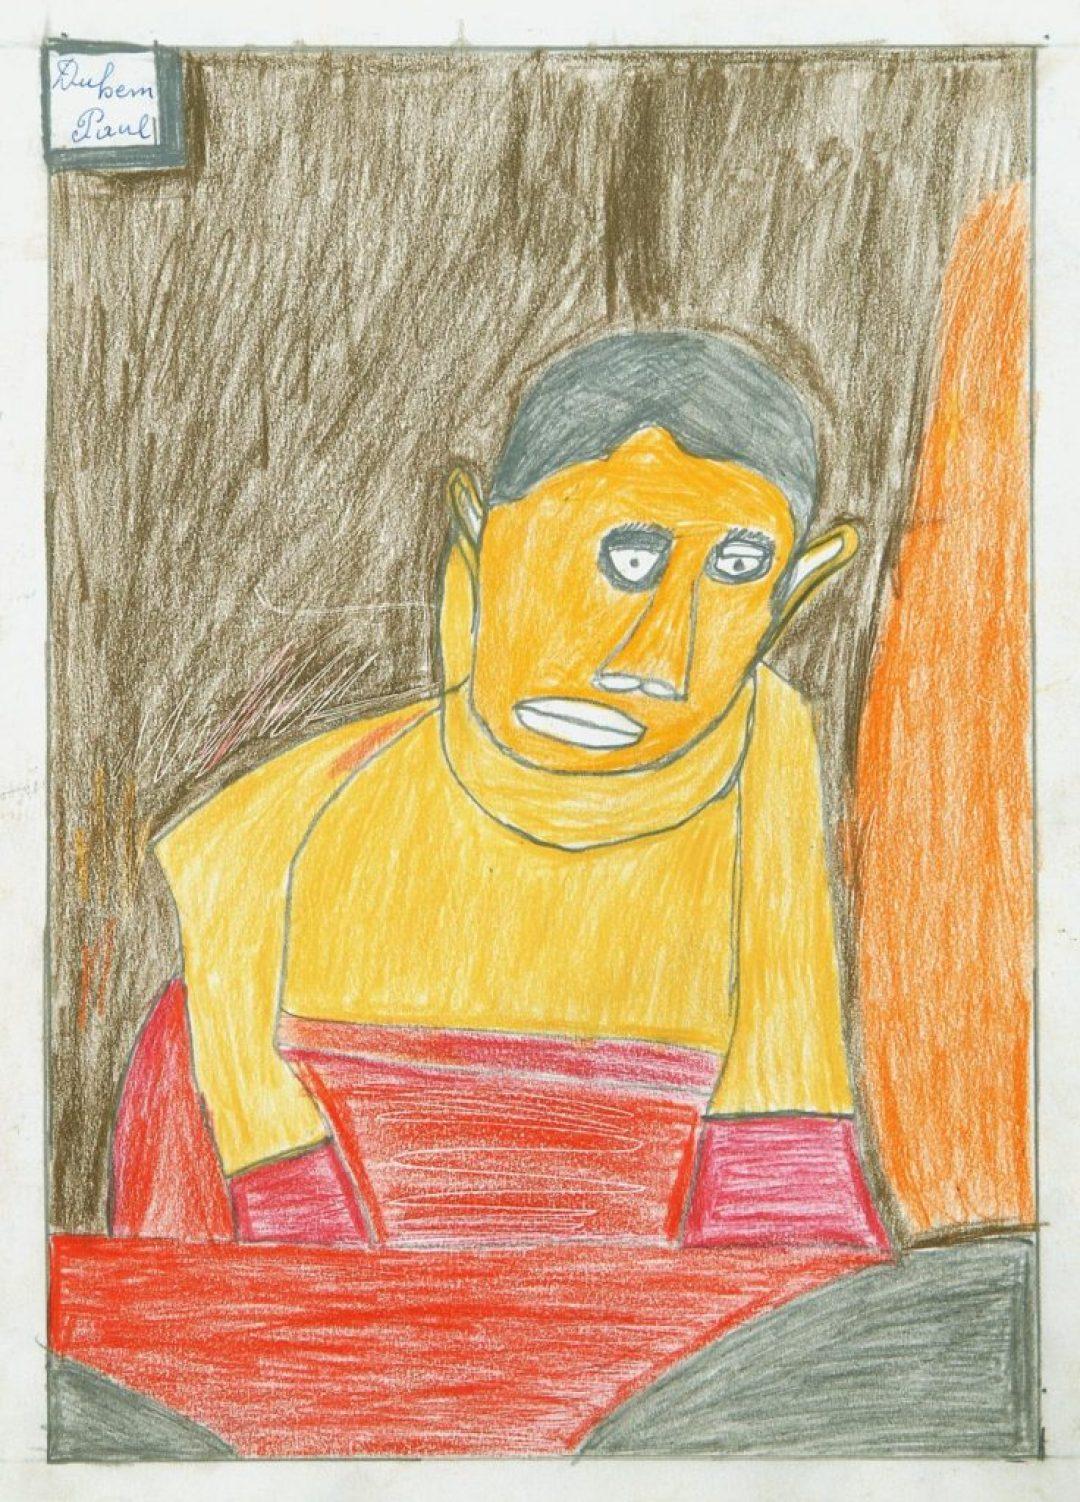 Paul Duhem, sans titre, 1991, crayons de couleur sur papier, 36,5 x 26,5 cm